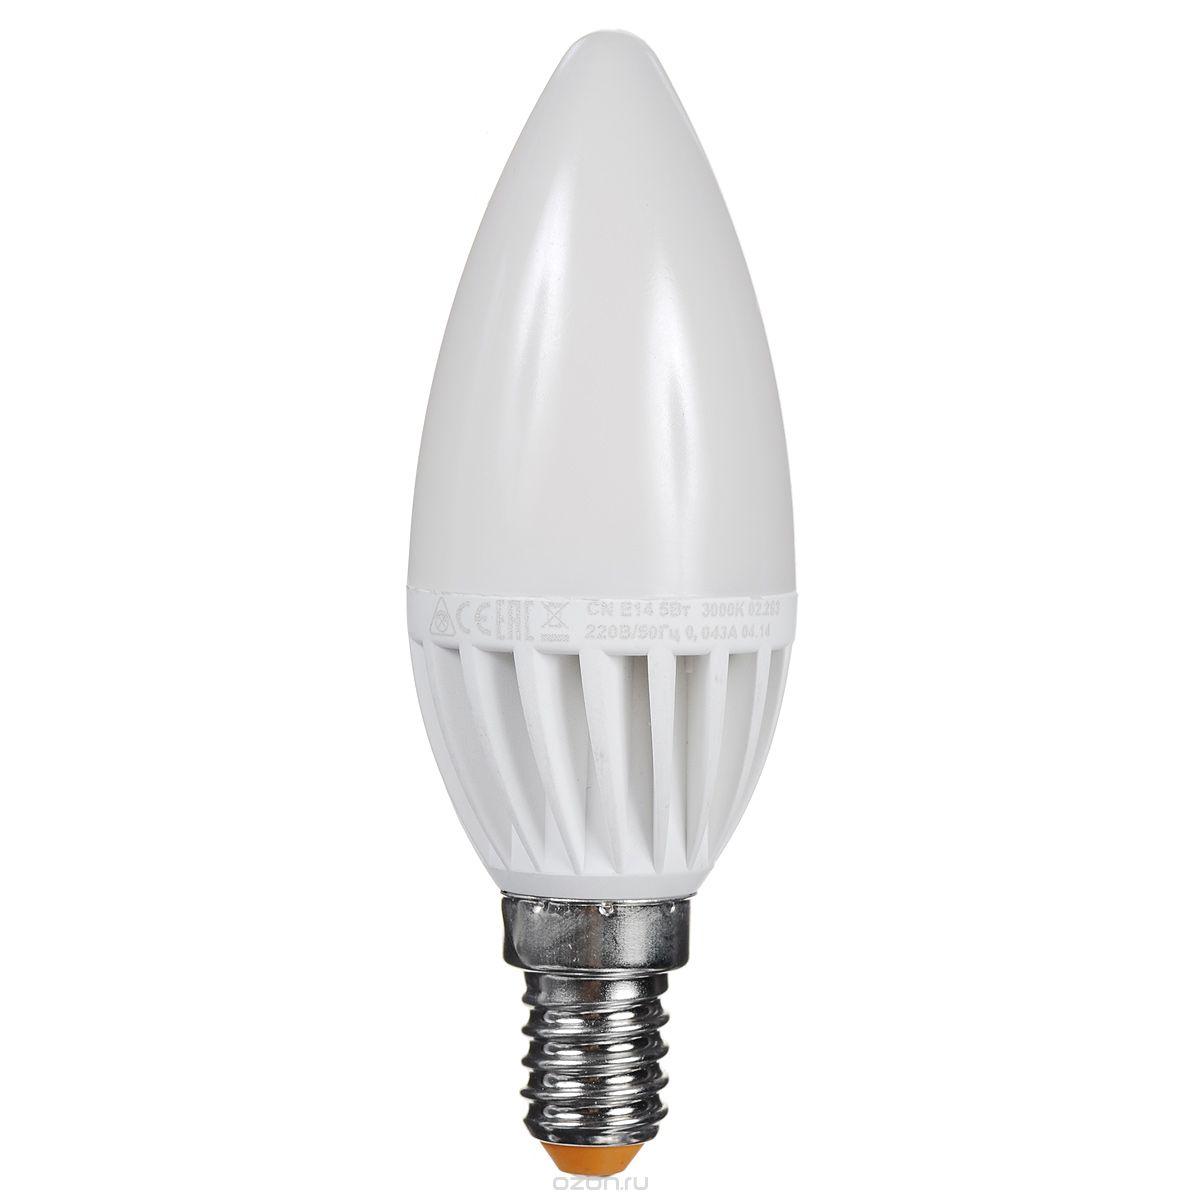 Светодиодная лампа Kosmos, теплый свет, цоколь E14, 5W, 220V, (60W)Lksm_LED5wCNE1430Светодиодная энергосберегающая лампа КОСМОС LED CN 5Вт 220В E14 3000K (Lksm LED5wCNE1430) отличается повышенной экономичностью. Практически не выделяет тепло, так как в конструкции предусмотрен керамический теплоотвод. Рекомендуется для установки в торшеры, БРА, светильники. Рабочий ресурс составляет 30 000 часов. Излучает теплый свет и заменяет лампу накаливания в 60W. Уважаемые клиенты! Обращаем ваше внимание на возможные изменения в дизайне упаковки. Качественные характеристики товара остаются неизменными. Поставка осуществляется в зависимости от наличия на складе.